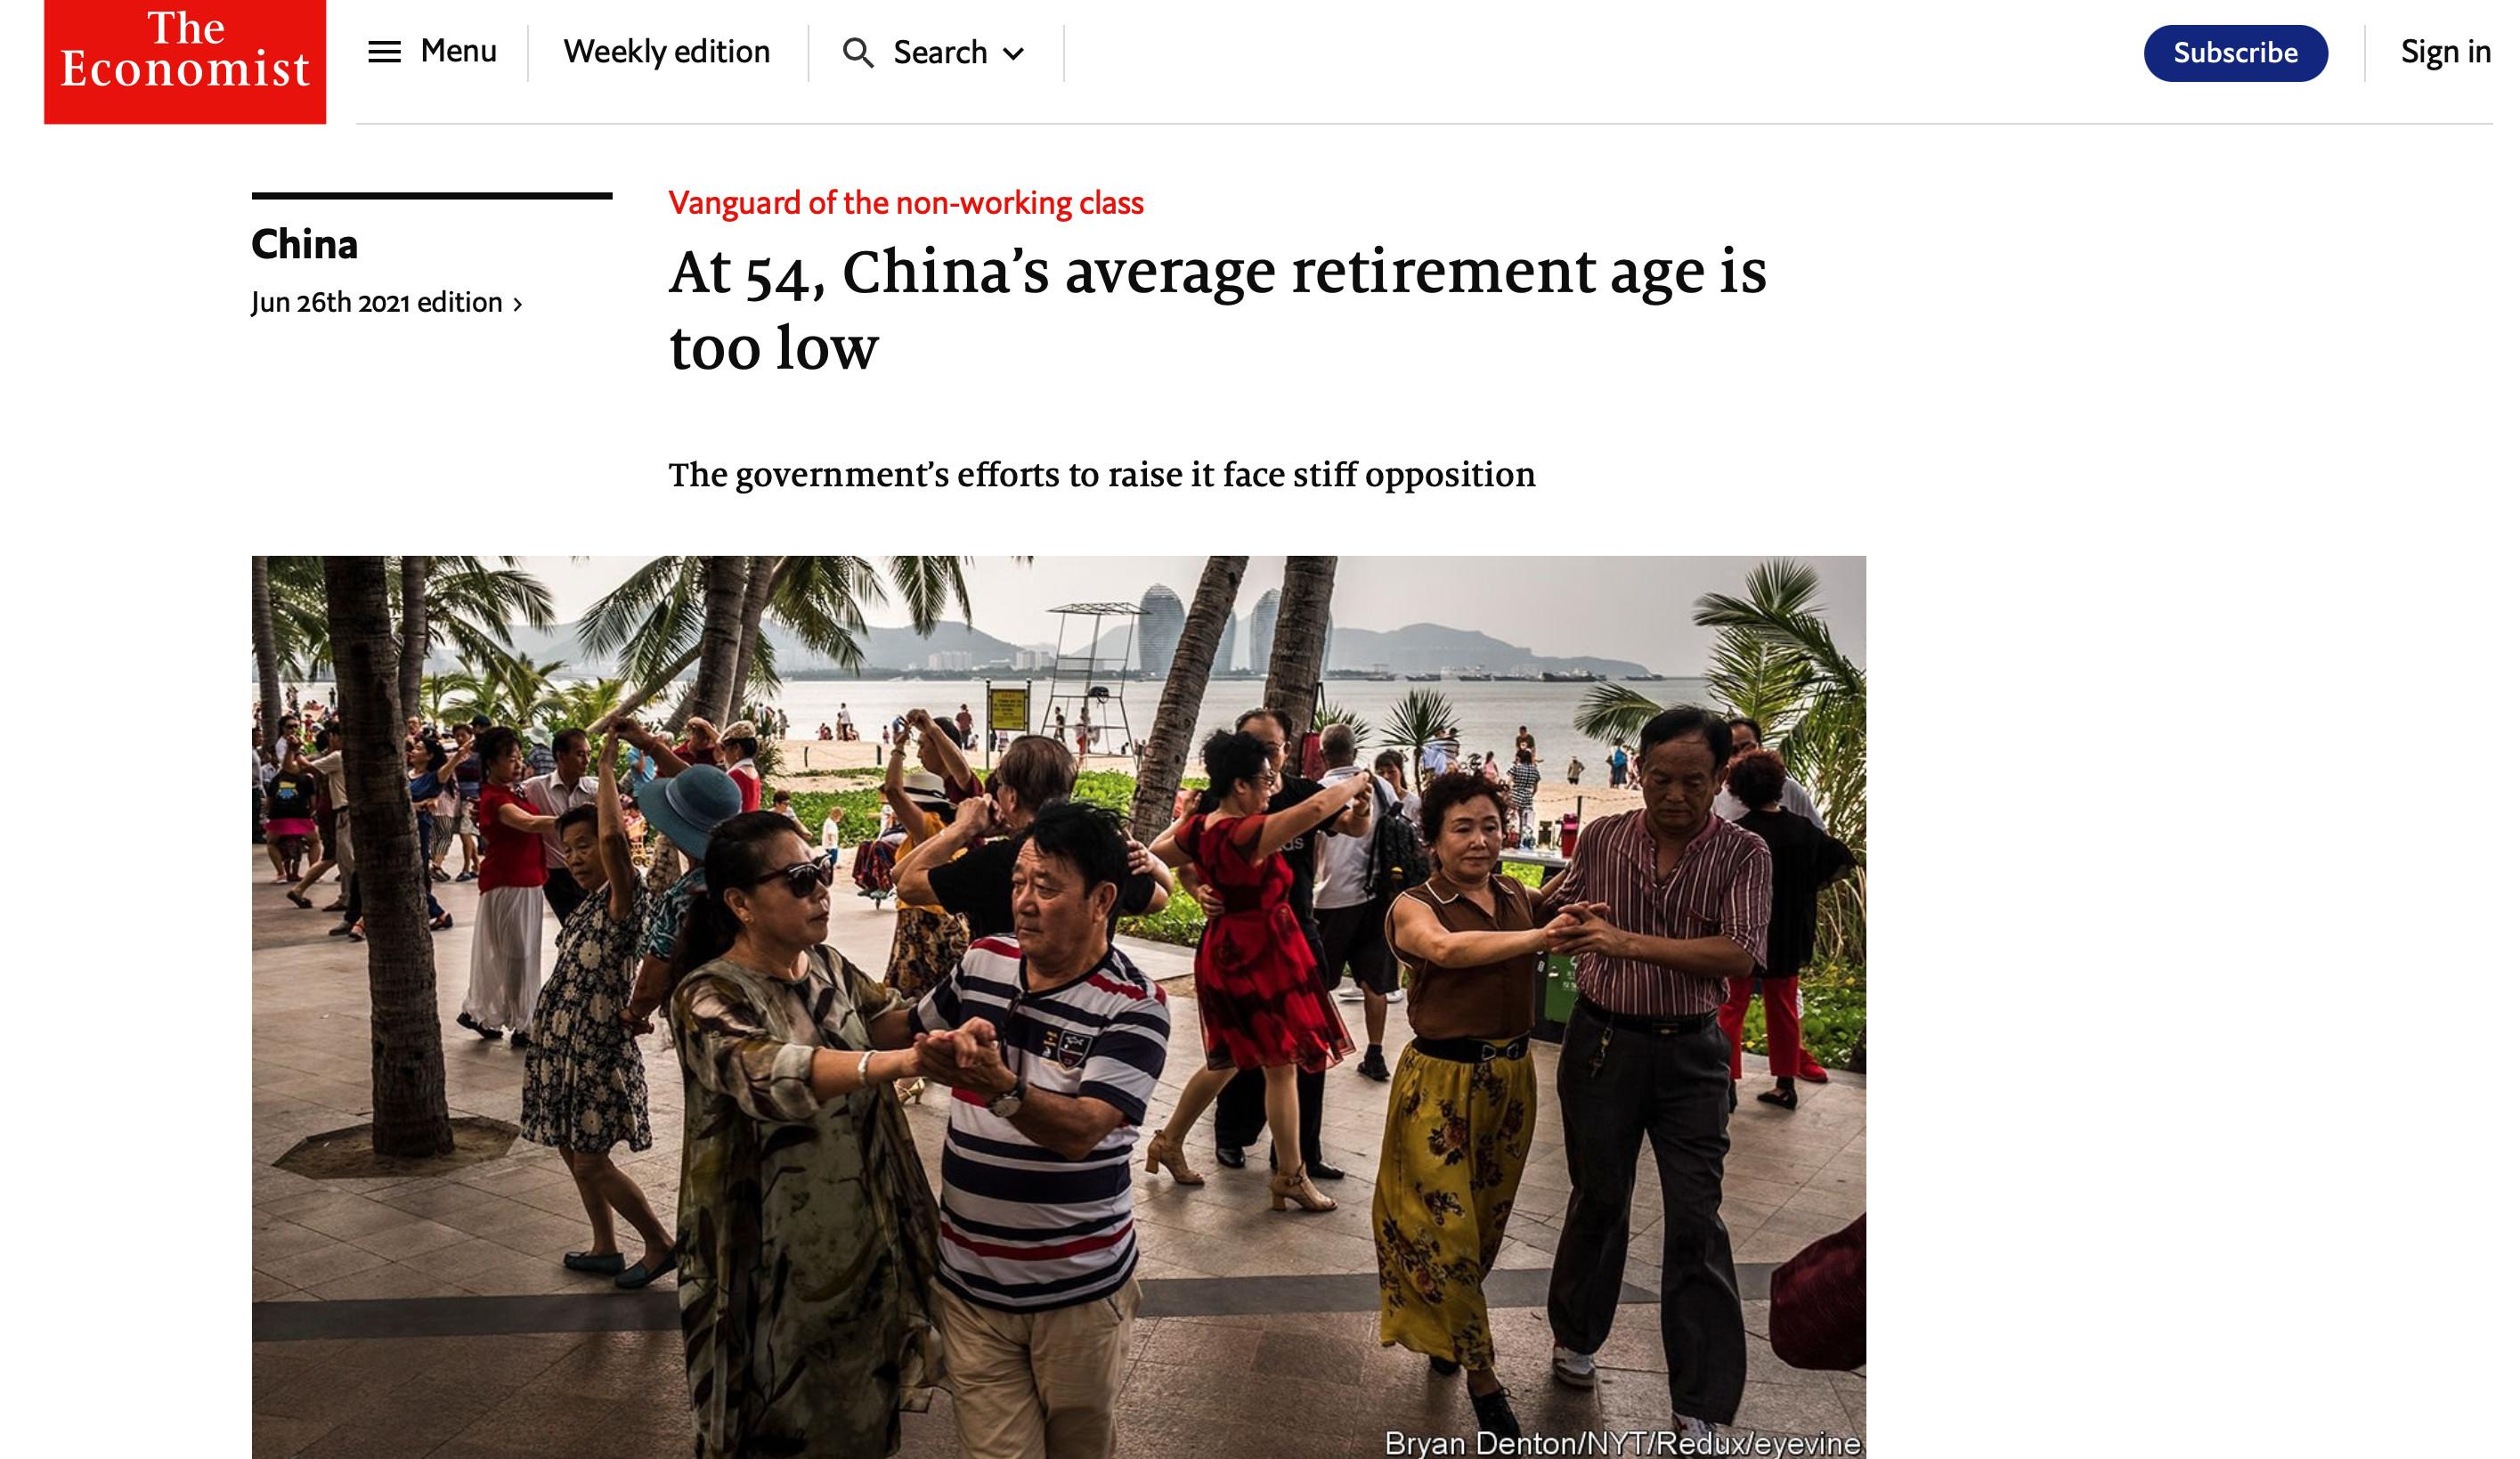 經濟學人,中國,年改,OECD,退休,世代,人口老化,中共,改革,共同富裕